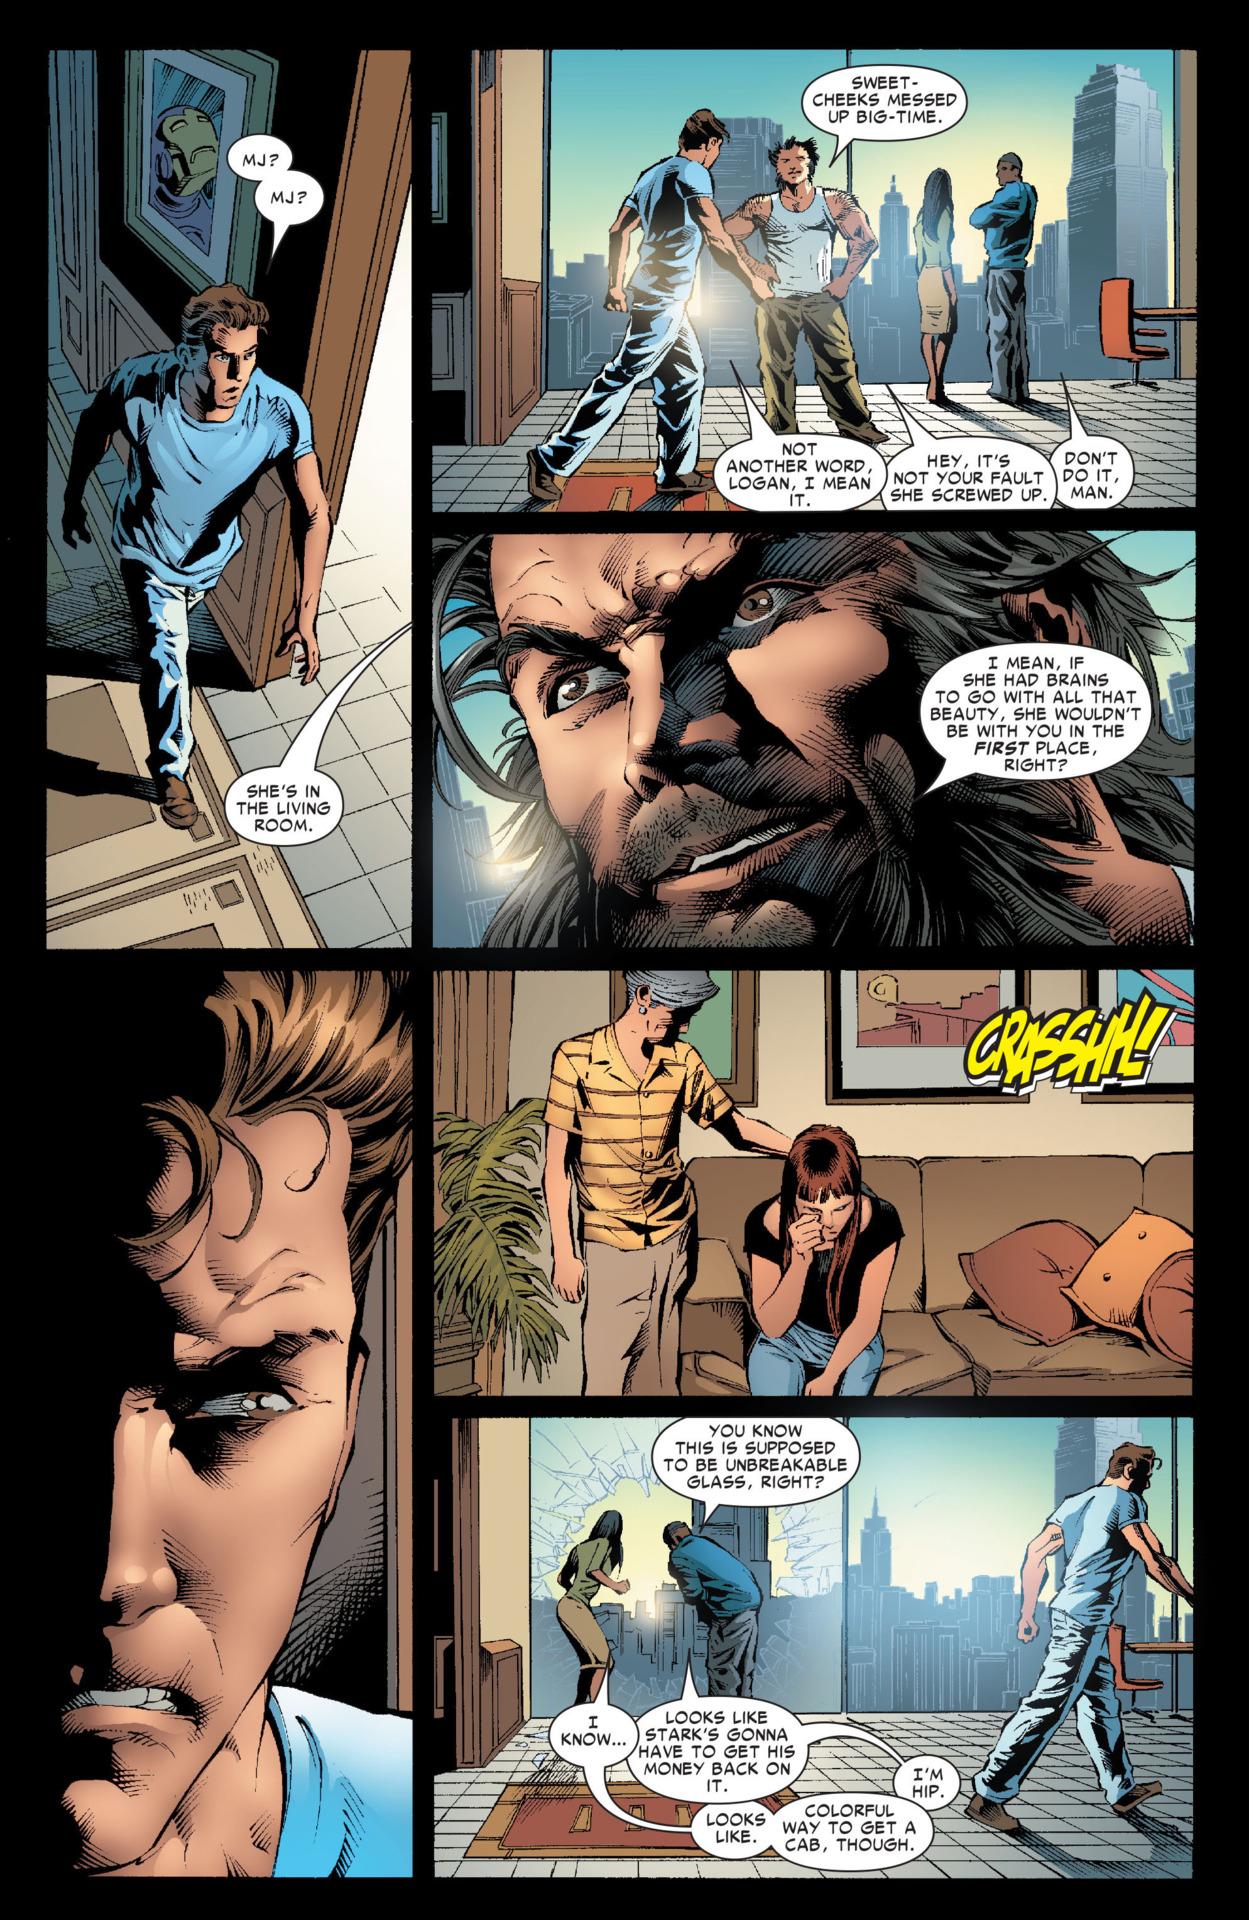 Amazing Spider-Man #522